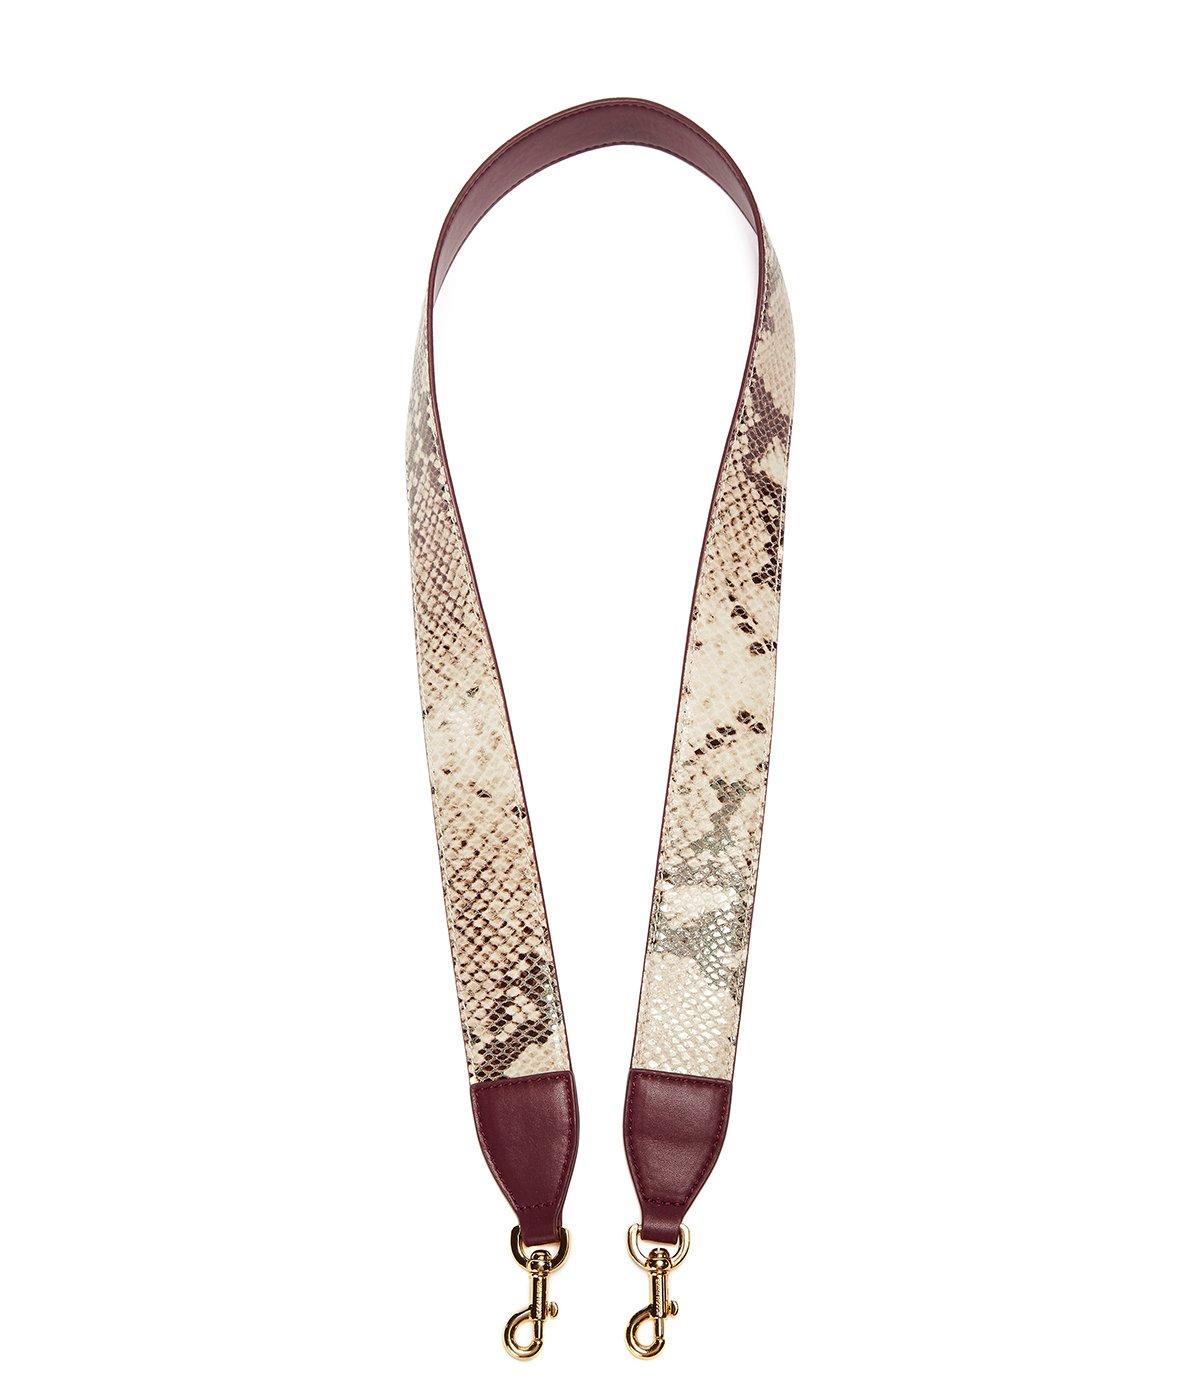 EMINI HOUSE Leather Shoulder Strap Influencer Handbag's Belt